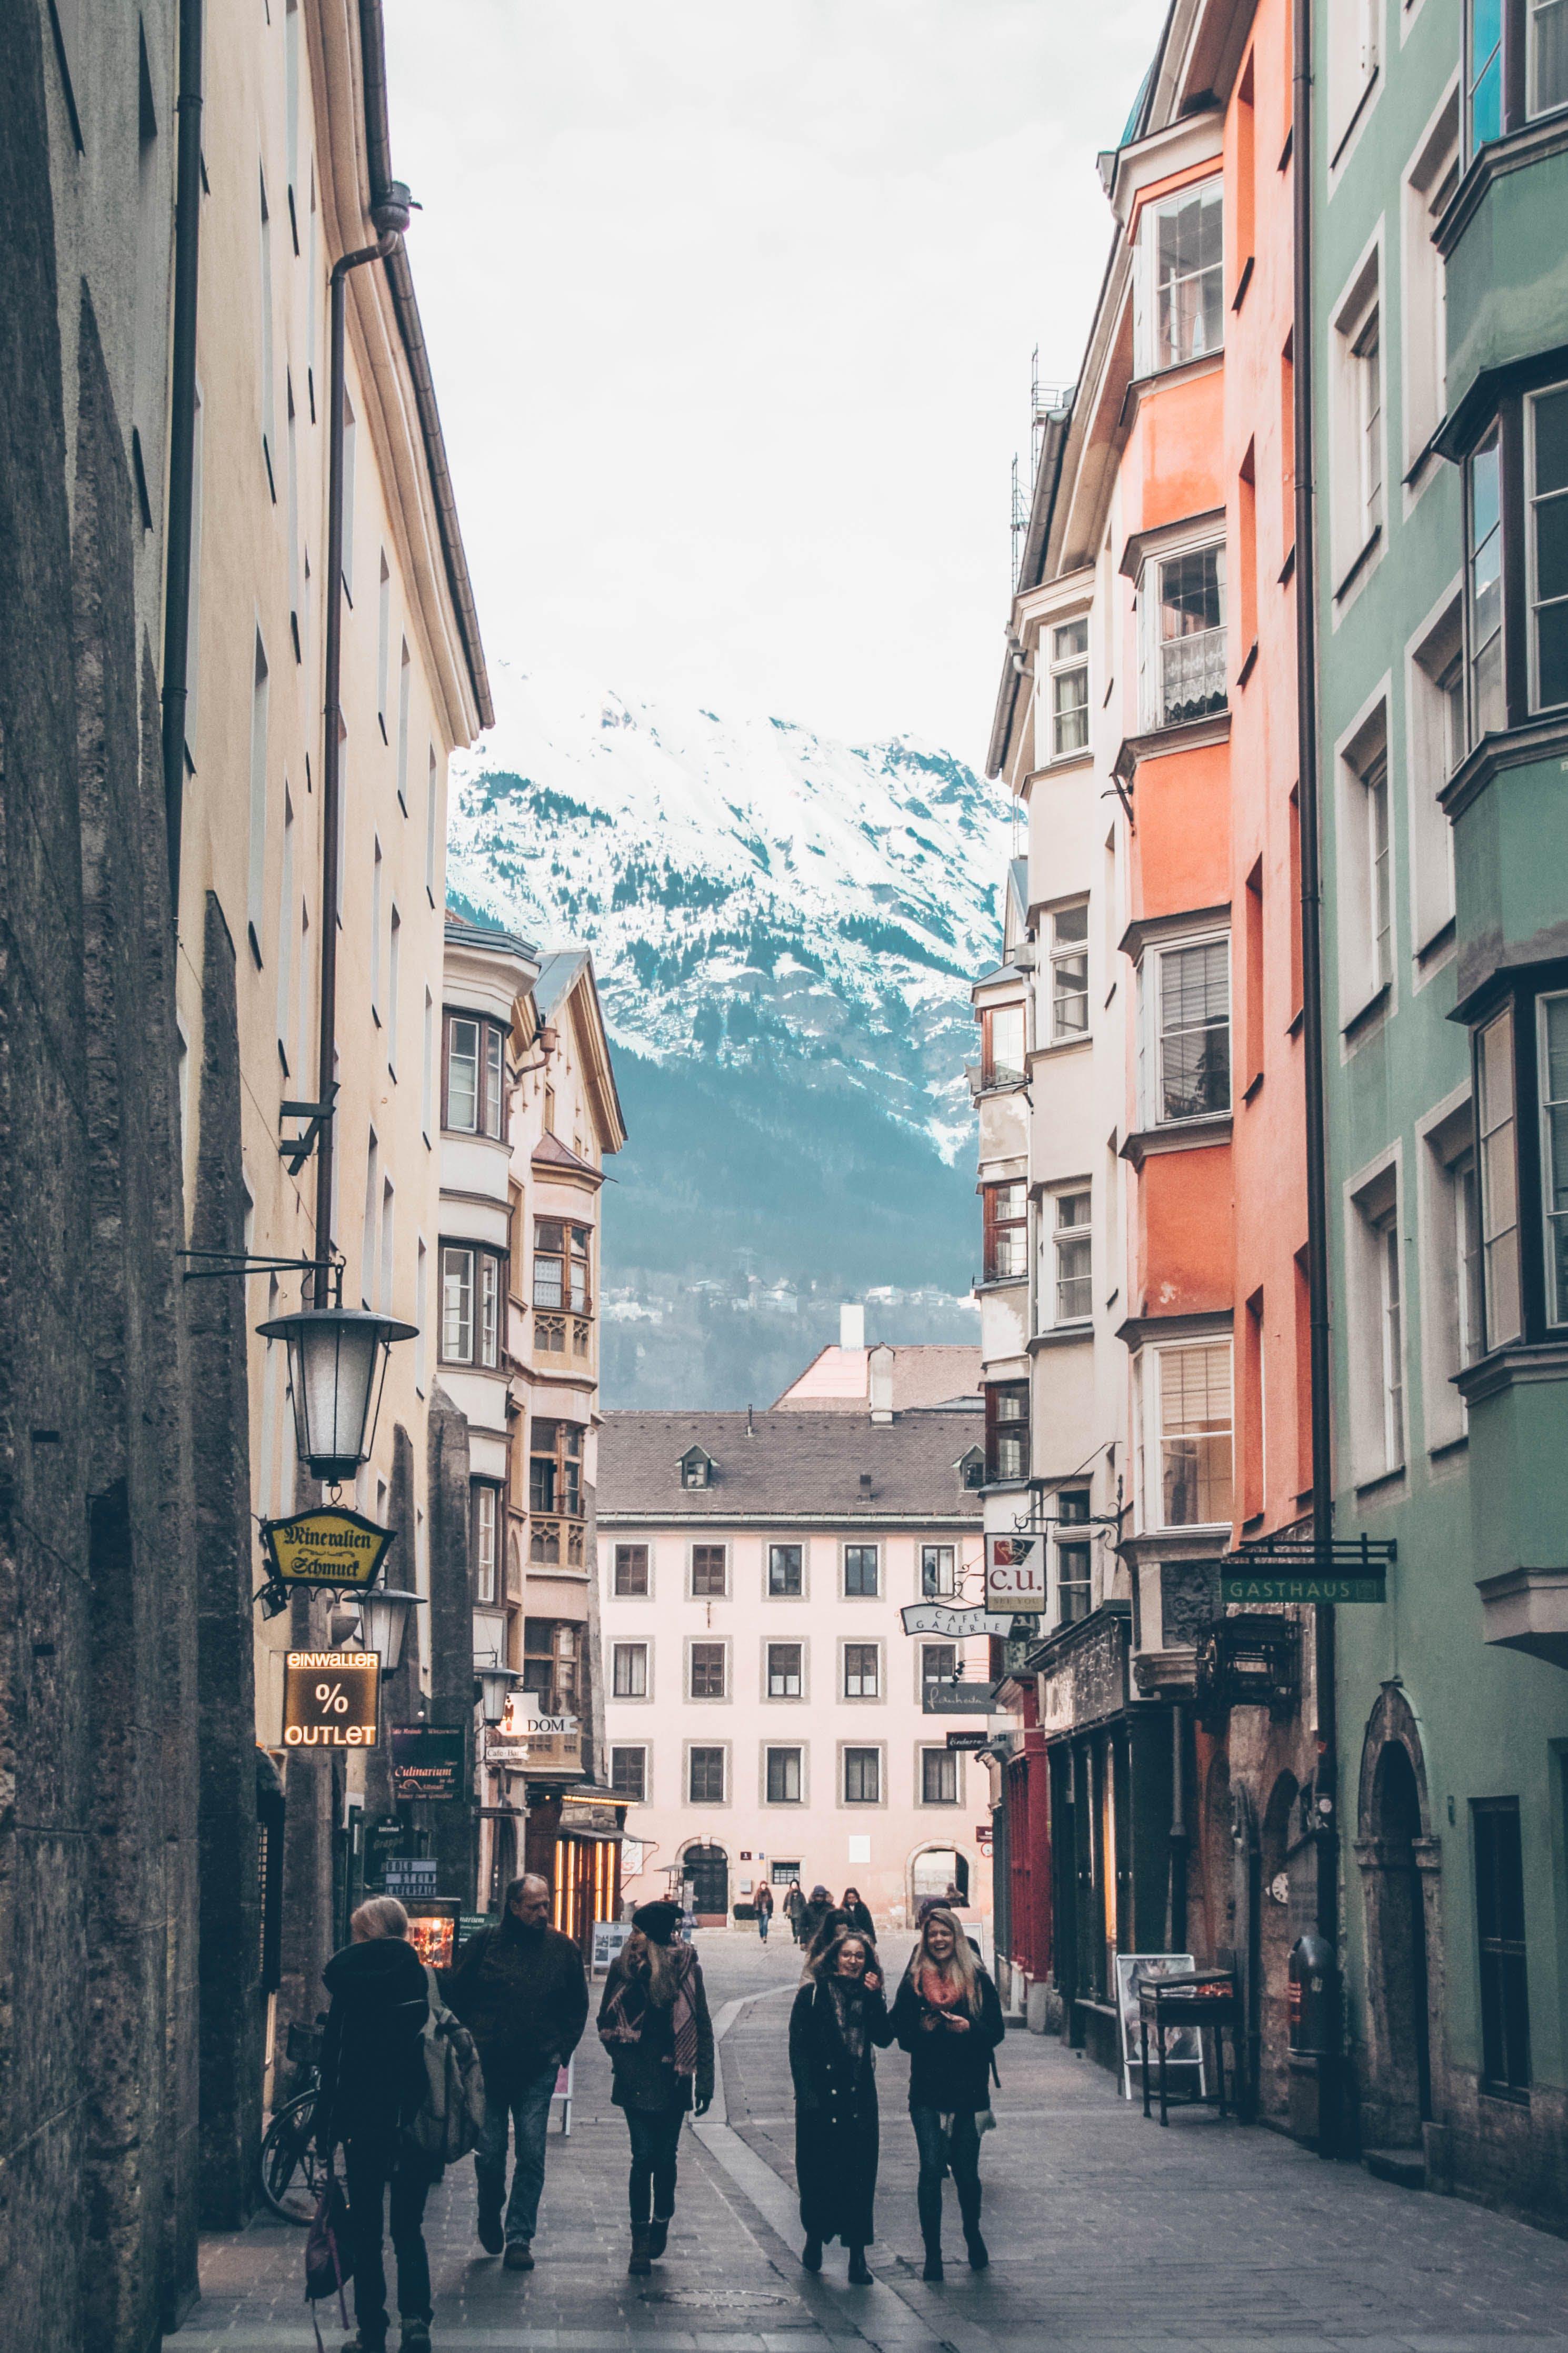 Free stock photo of snow, mountains, street, alley